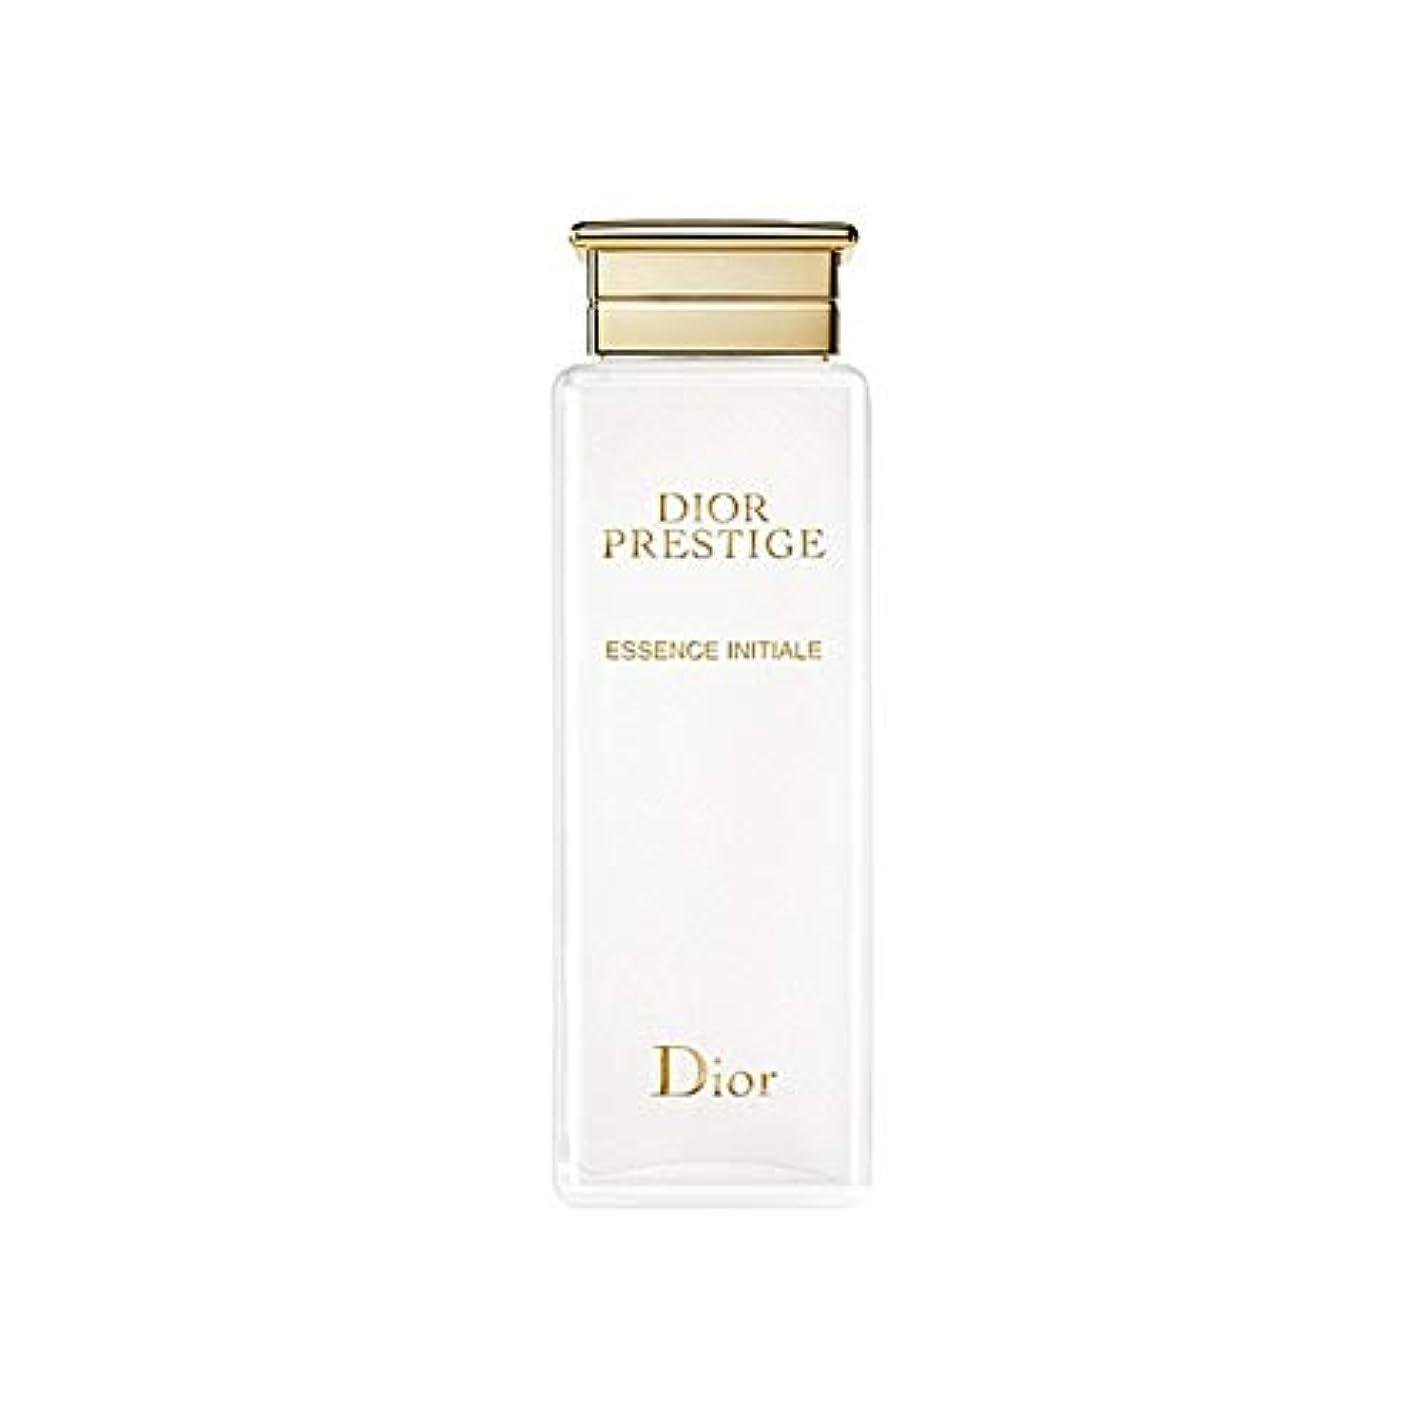 散文カテゴリー遵守する[Dior] 血清200ミリリットルイニシャルディオールプレステージエッセンス - Dior Prestige Essence Initiale Serum 200ml [並行輸入品]